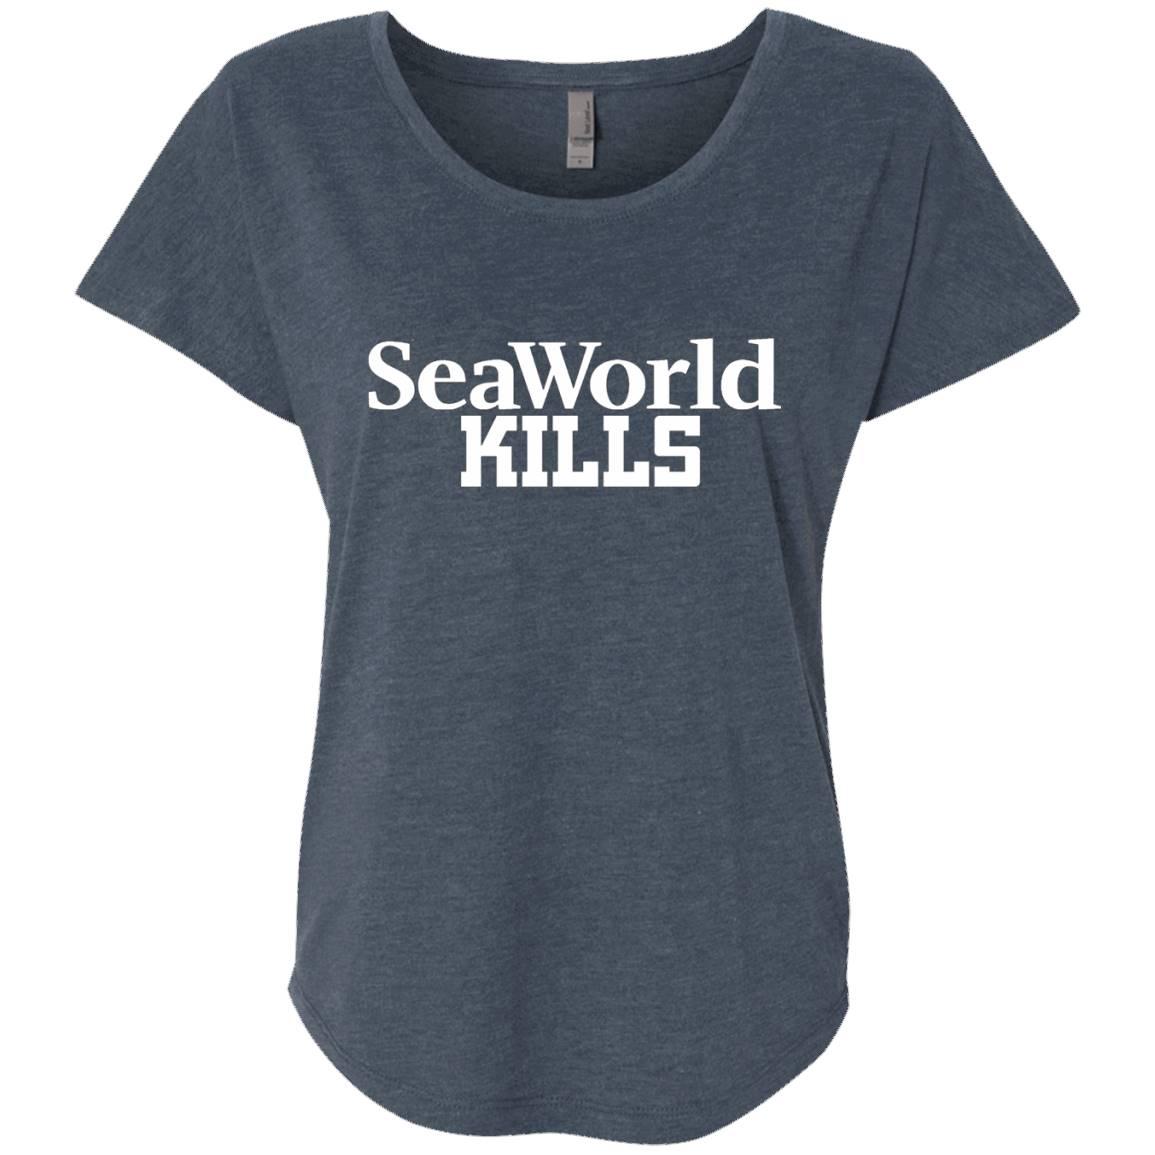 Animal Rights SeaWorld Kills Shirt – SeaWorld Kills T-shirt – T-Shirt